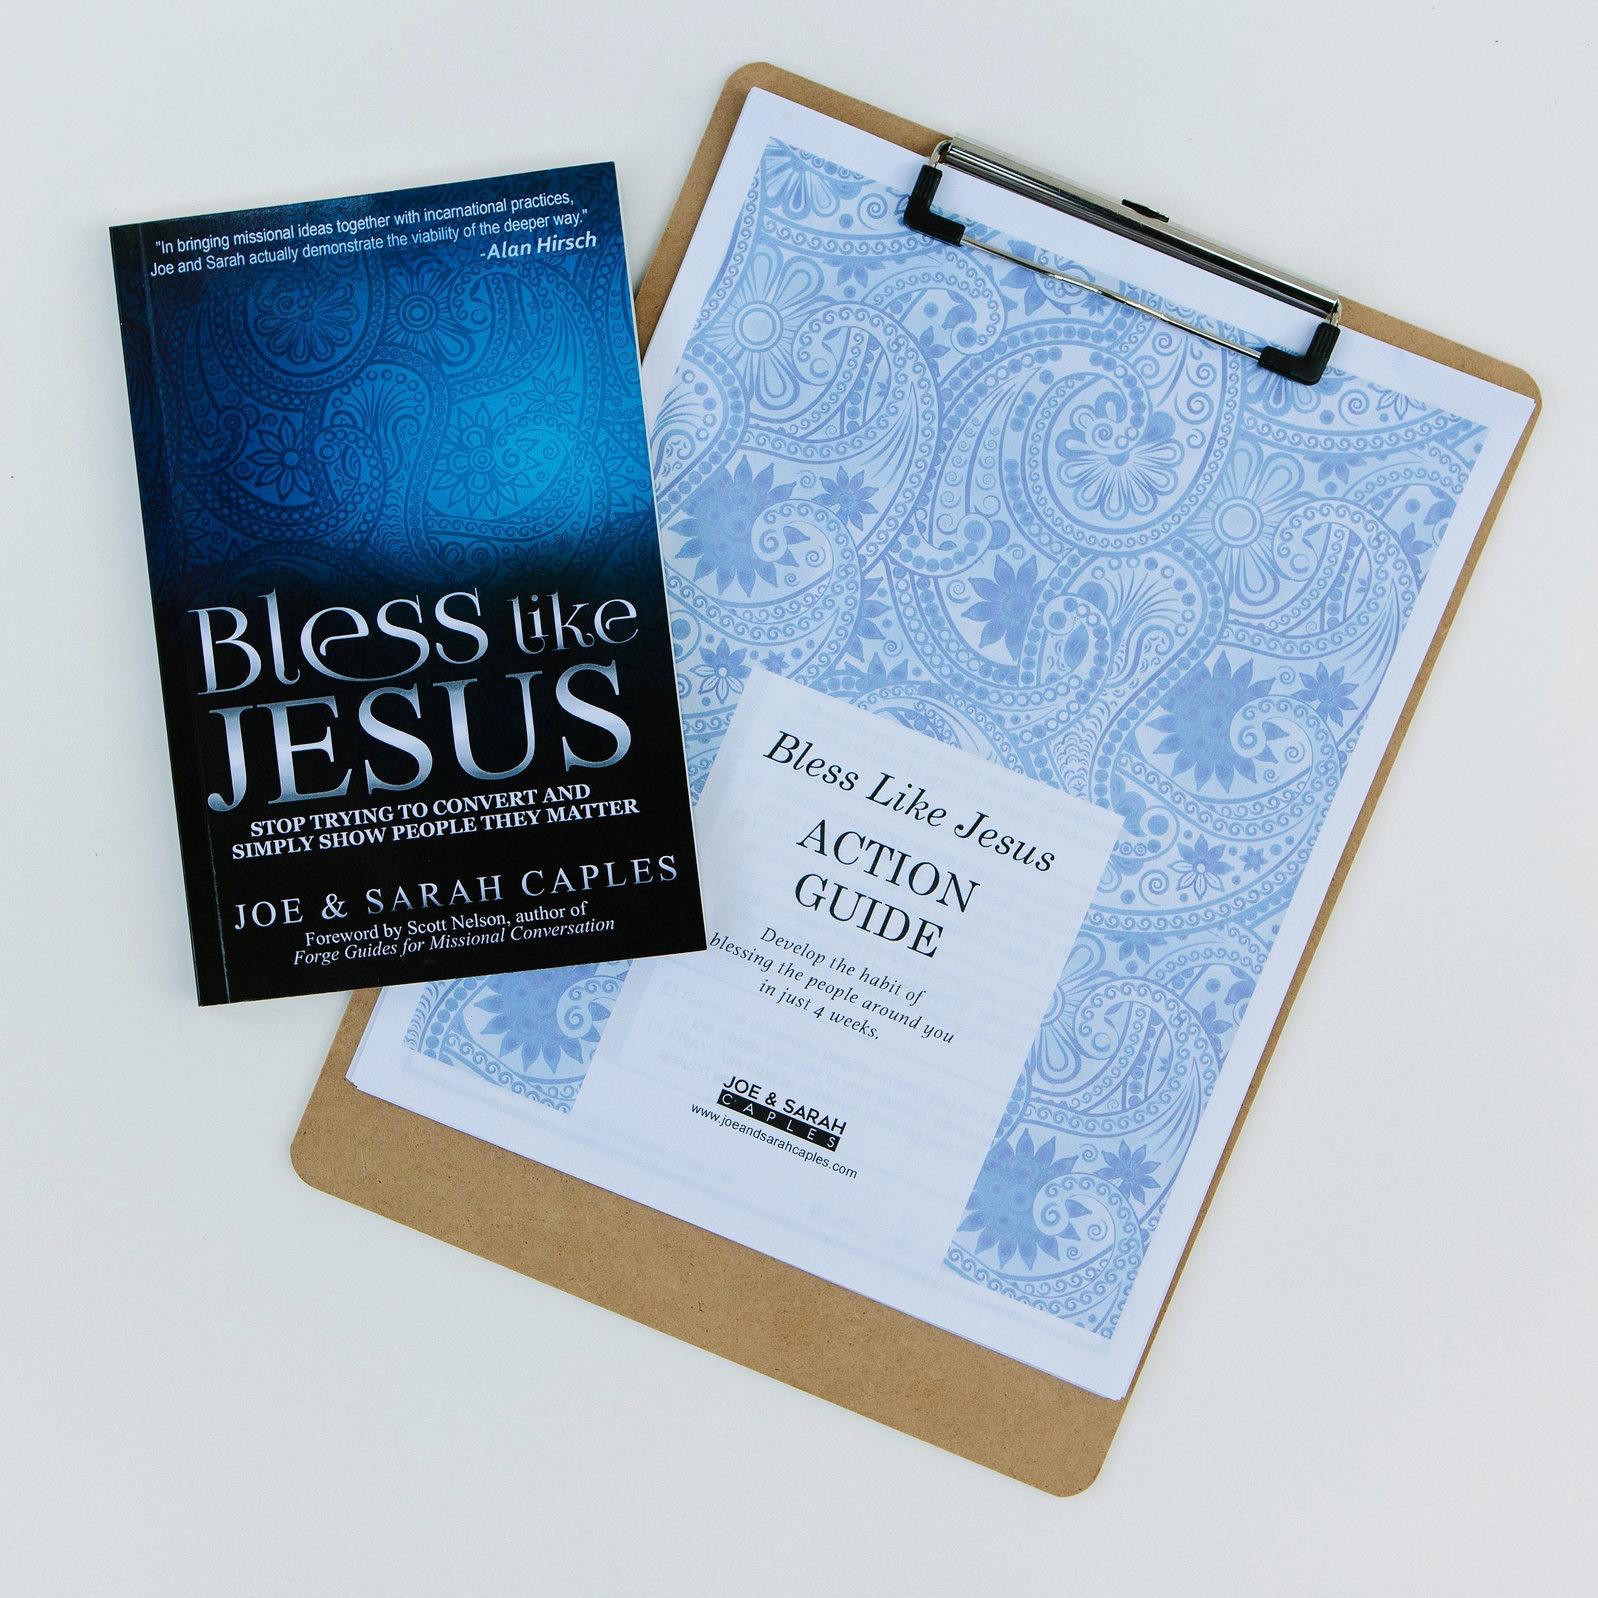 Bible-Study-Group-Church-Stock-Photos-.jpg